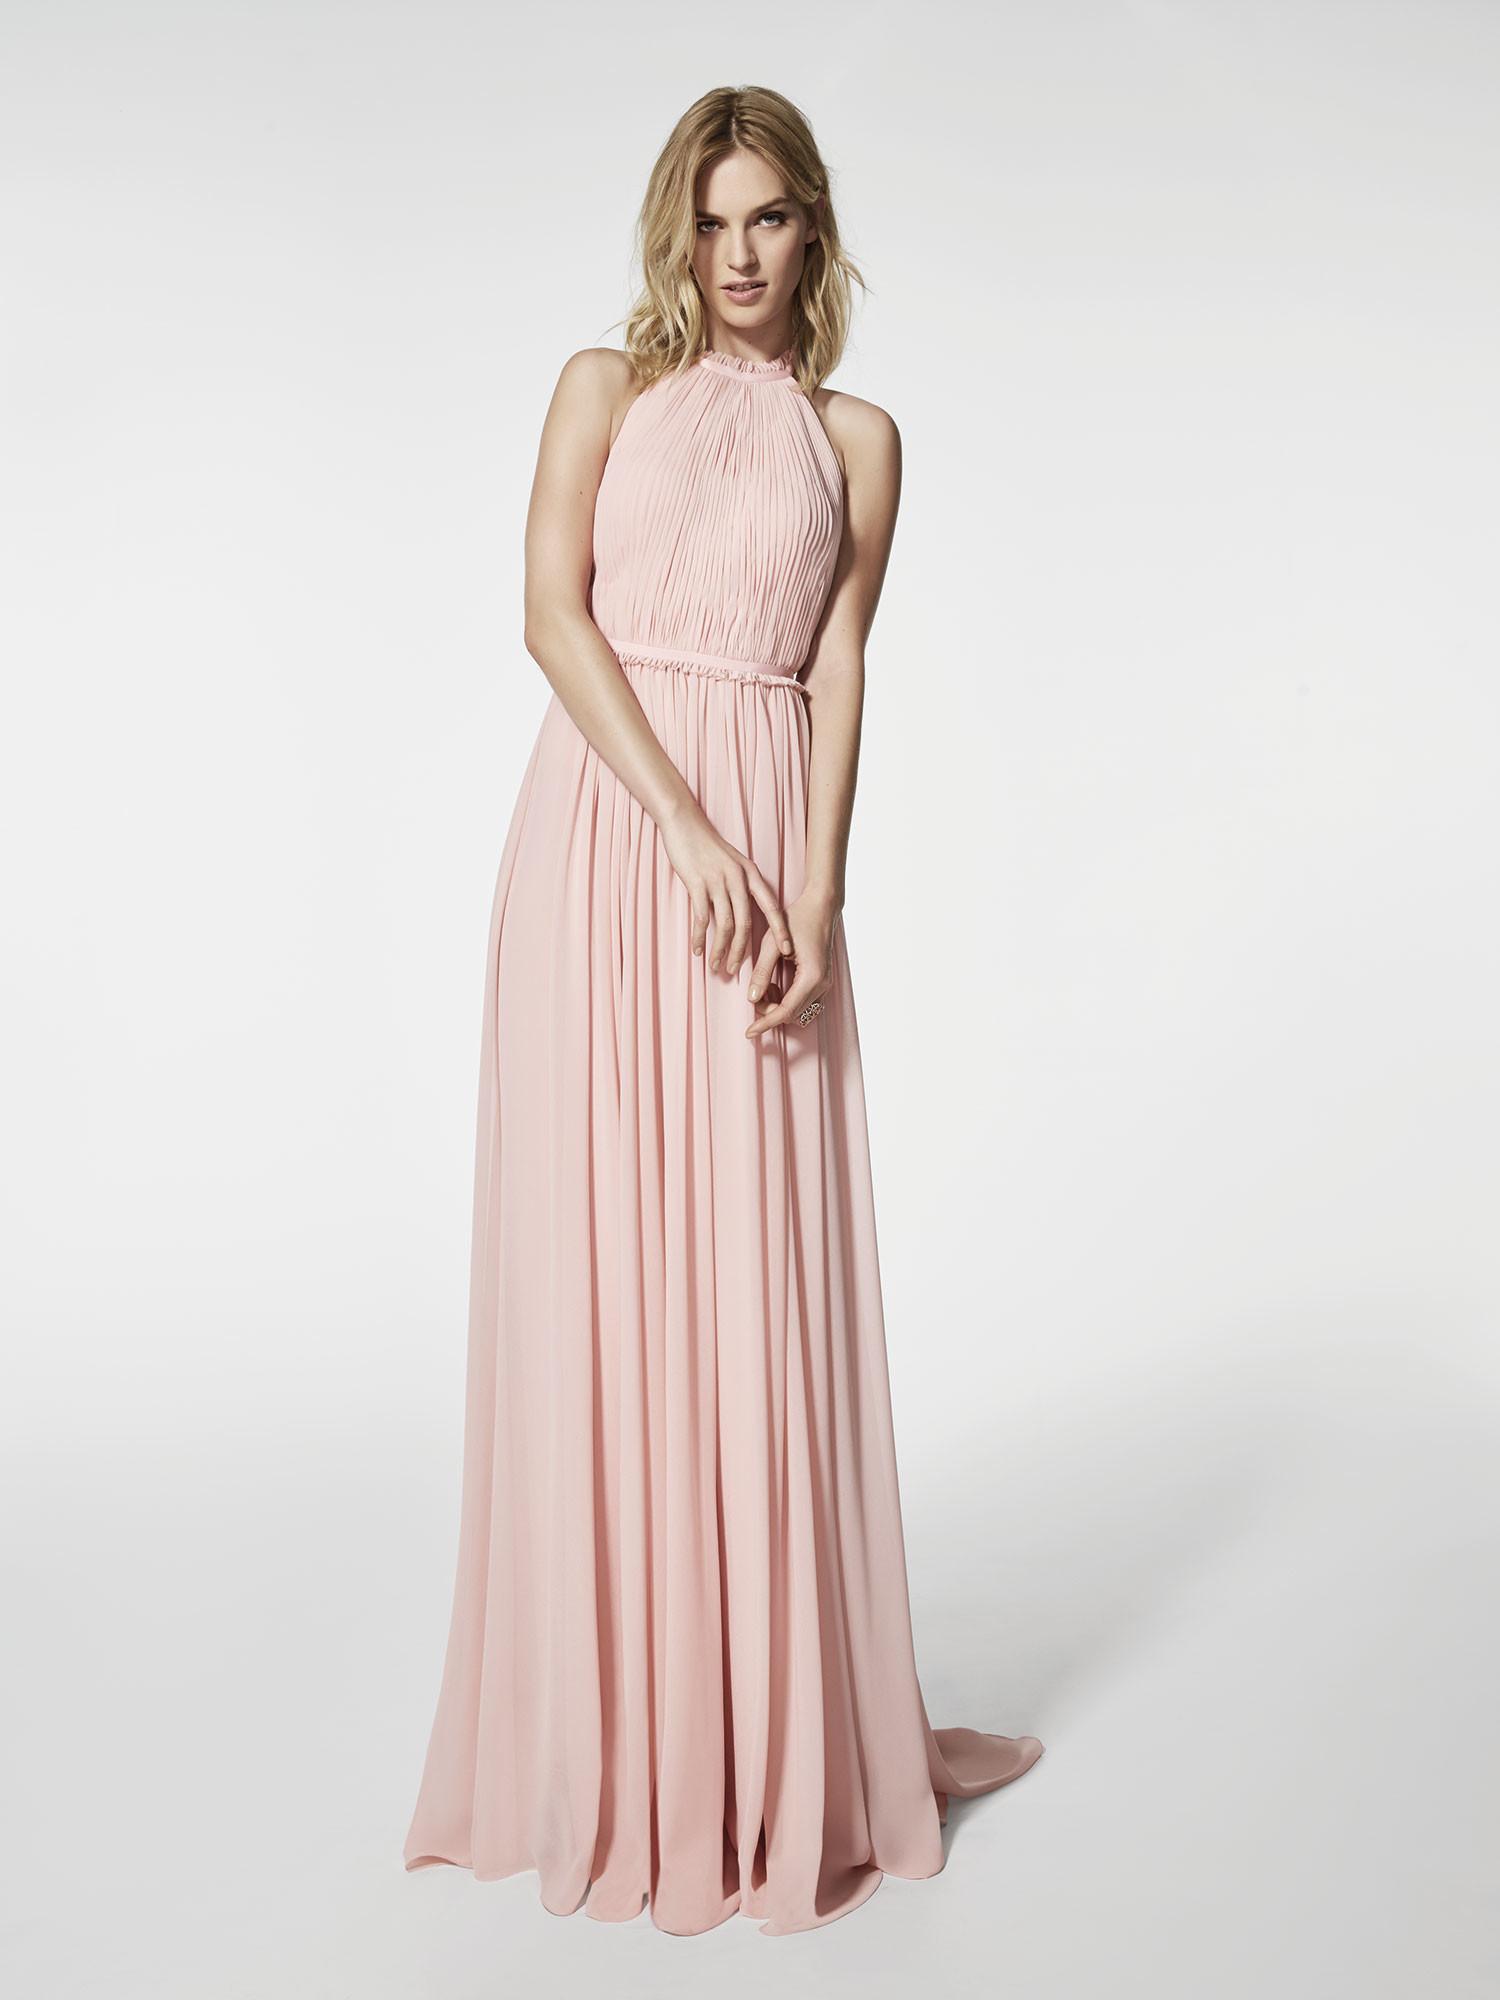 Vestidos de fiesta de 2018